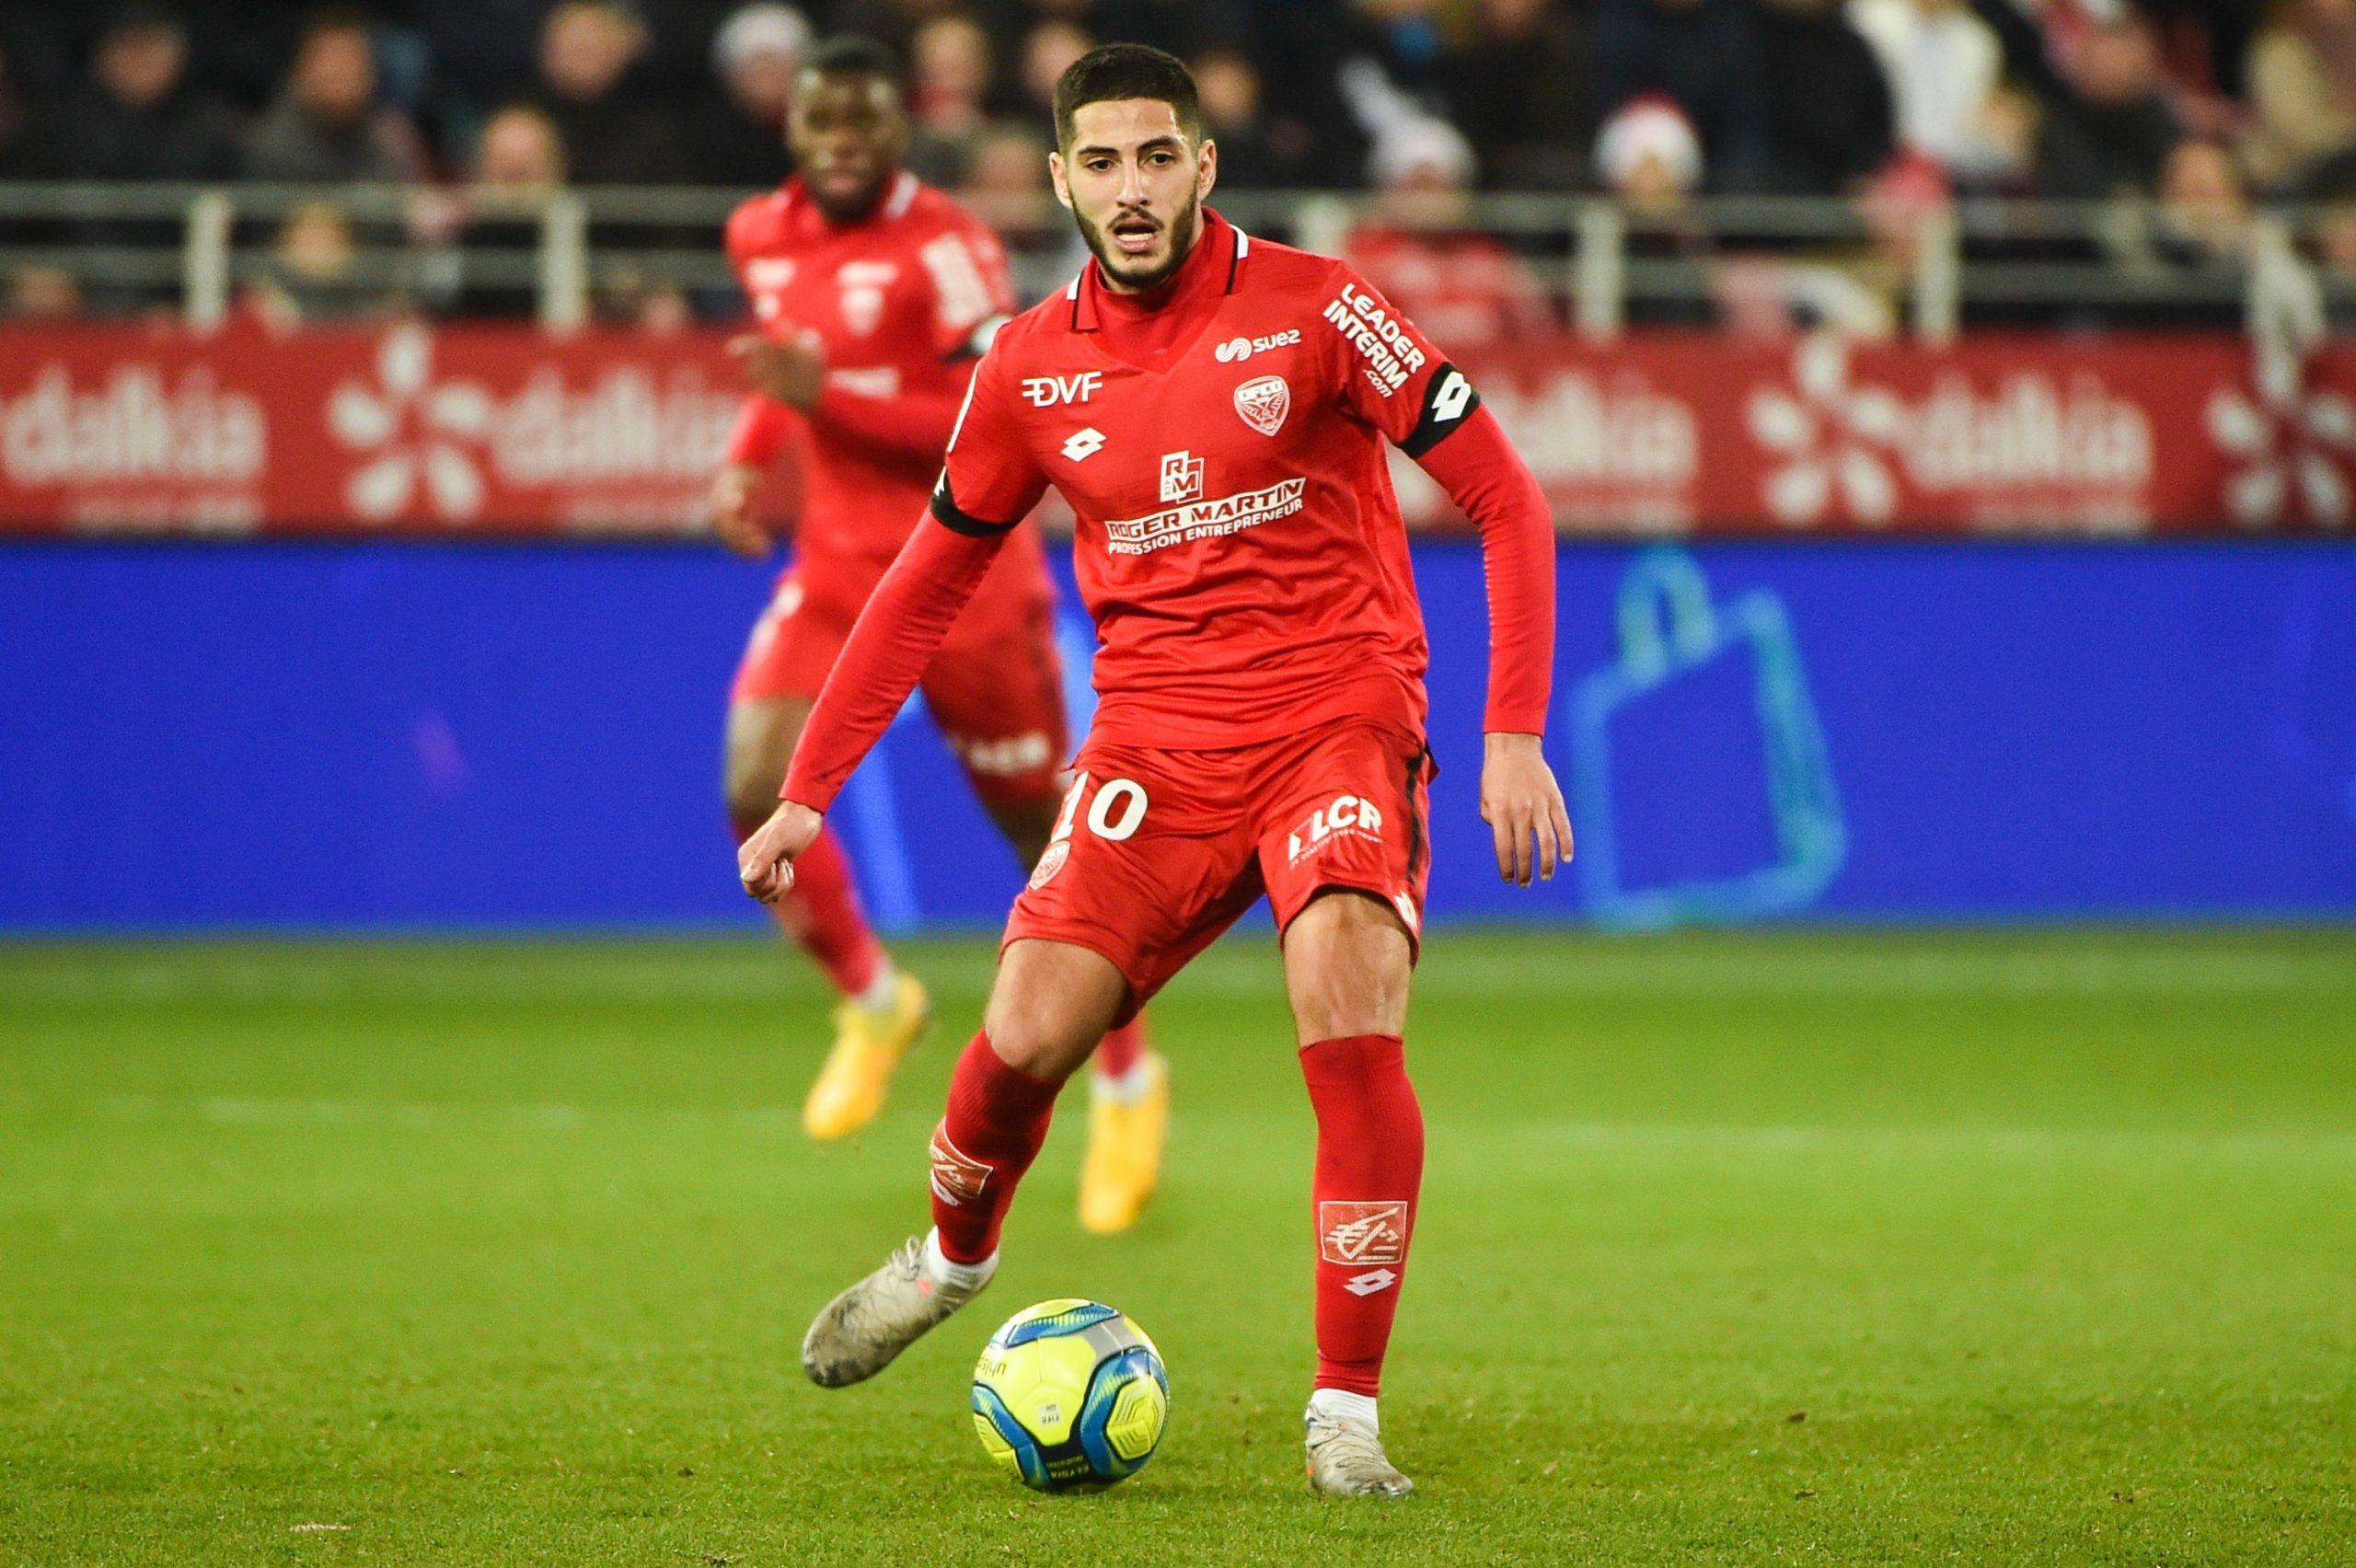 PSG/Dijon - Benzia, Chouiar et Gomis forfaits face à Paris